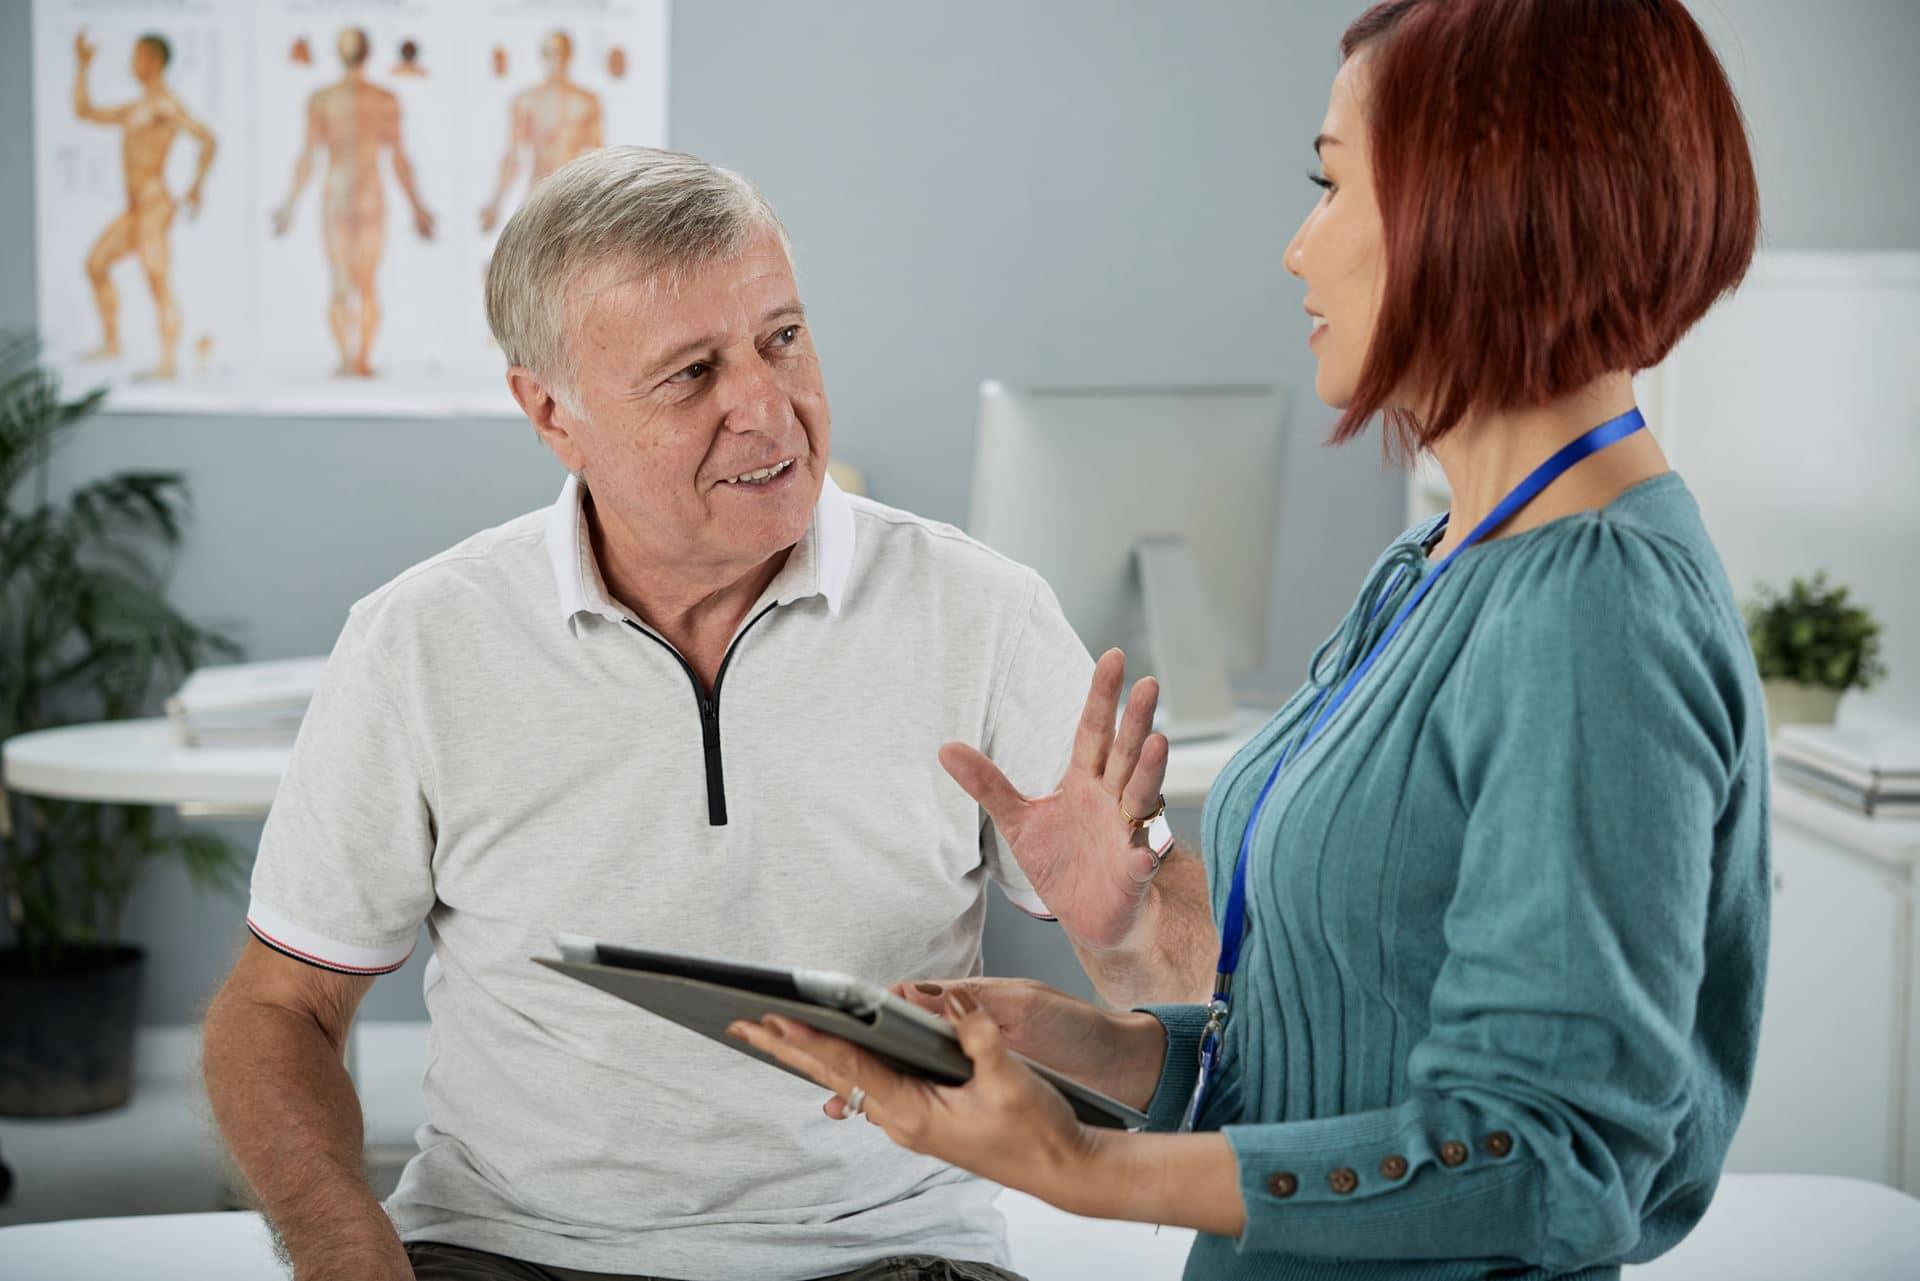 קלינאית תקשורת לאחר אירוע מוחי - Restart Therapy מומחים בשיקום פרטי בבית הלקוח